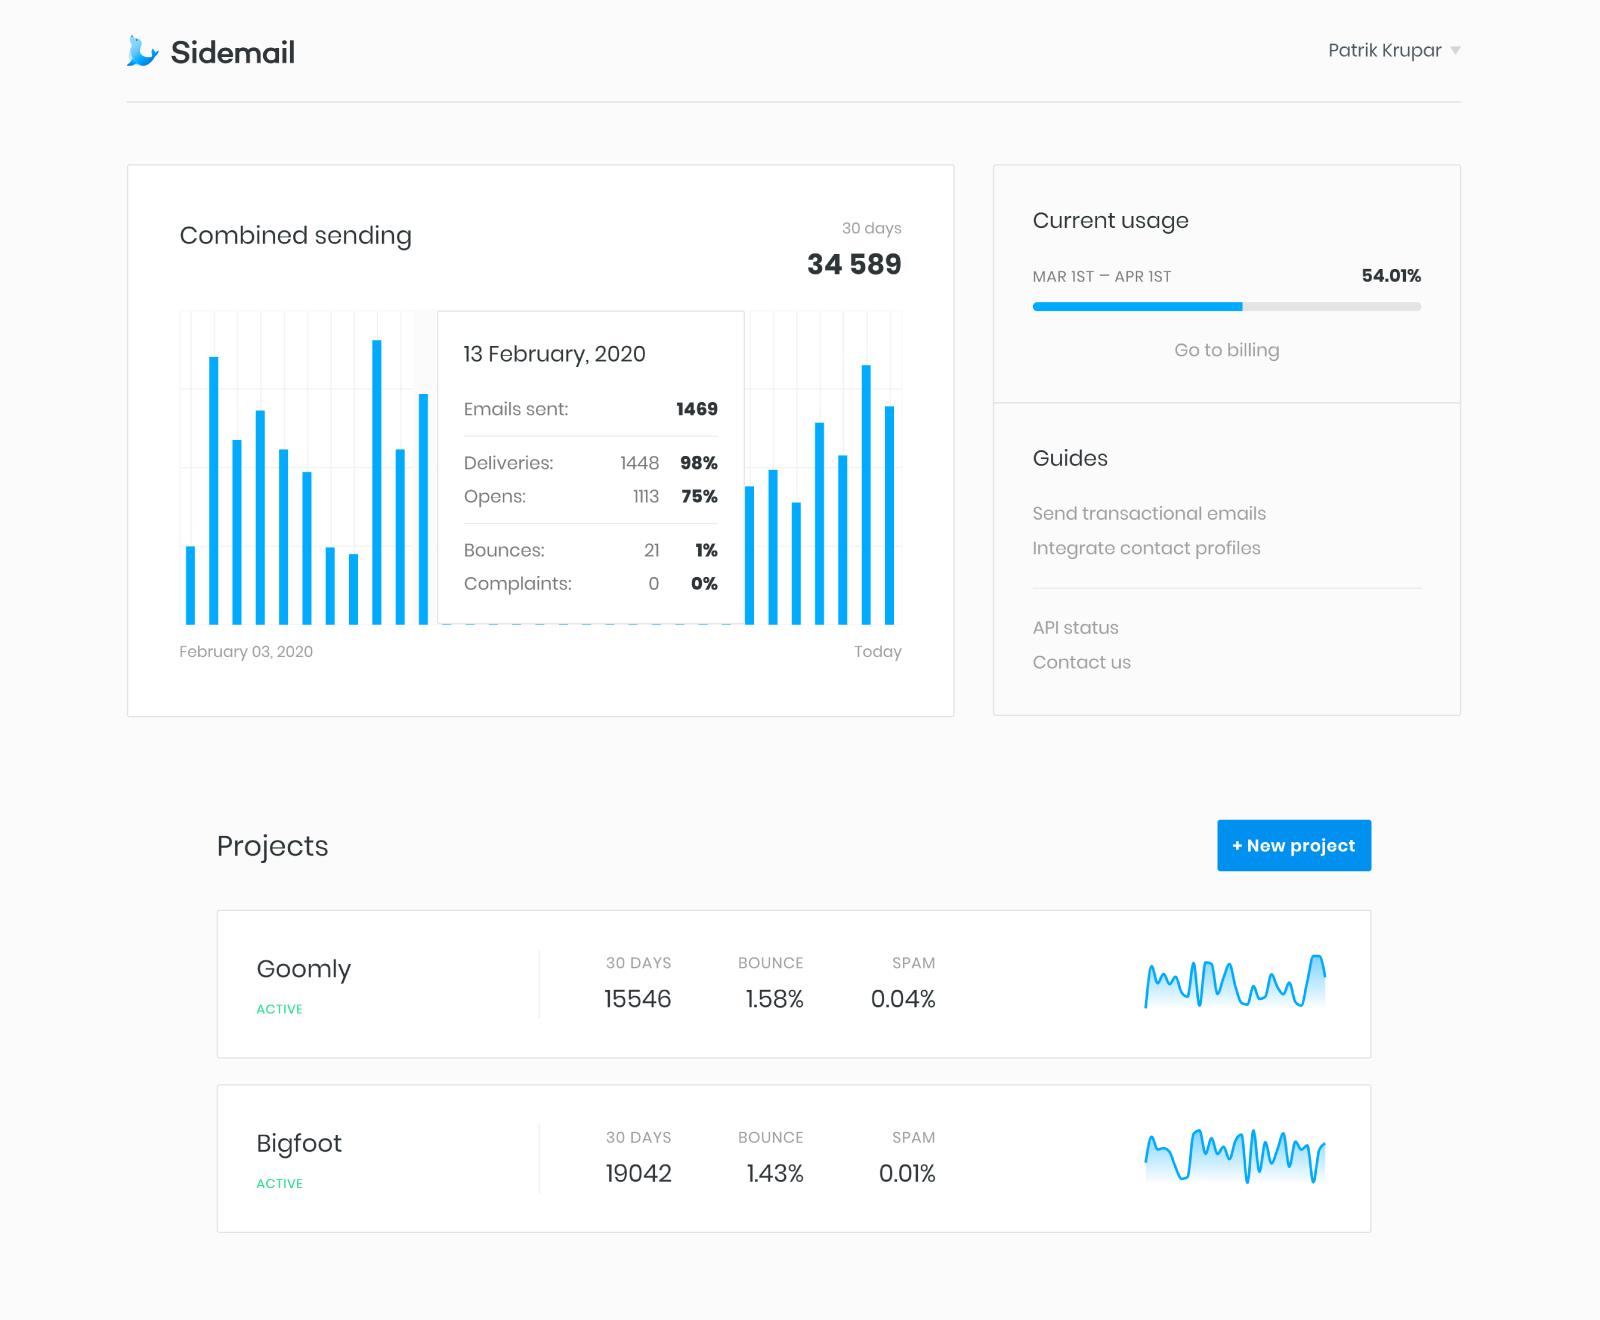 Sidemail dashboard